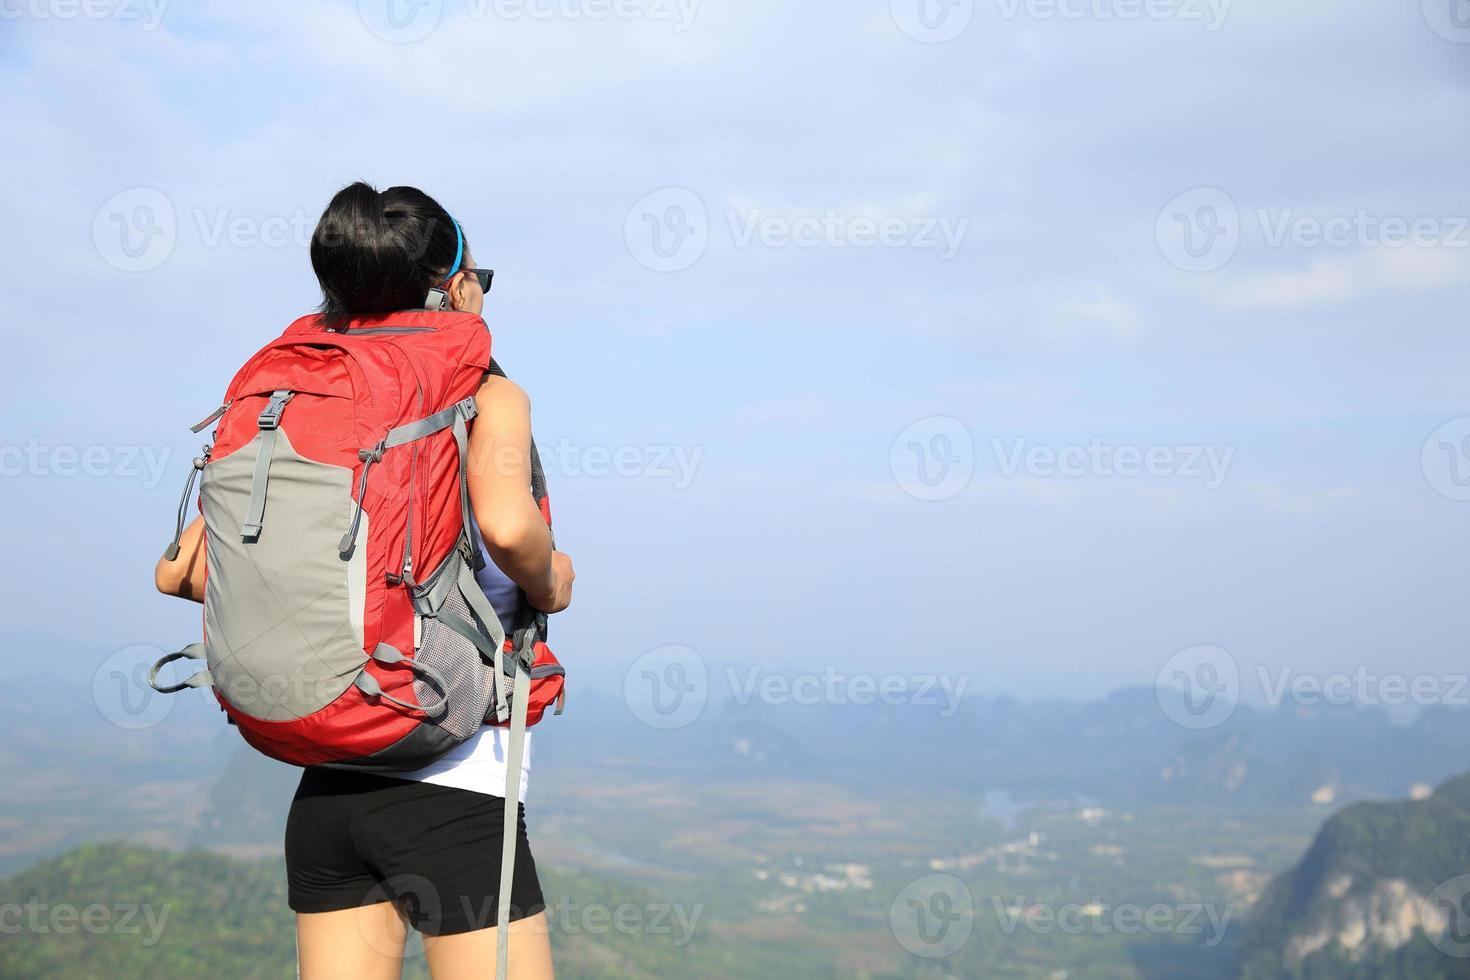 vrouw wandelaar geniet van het uitzicht bij zonsondergang bergtop foto